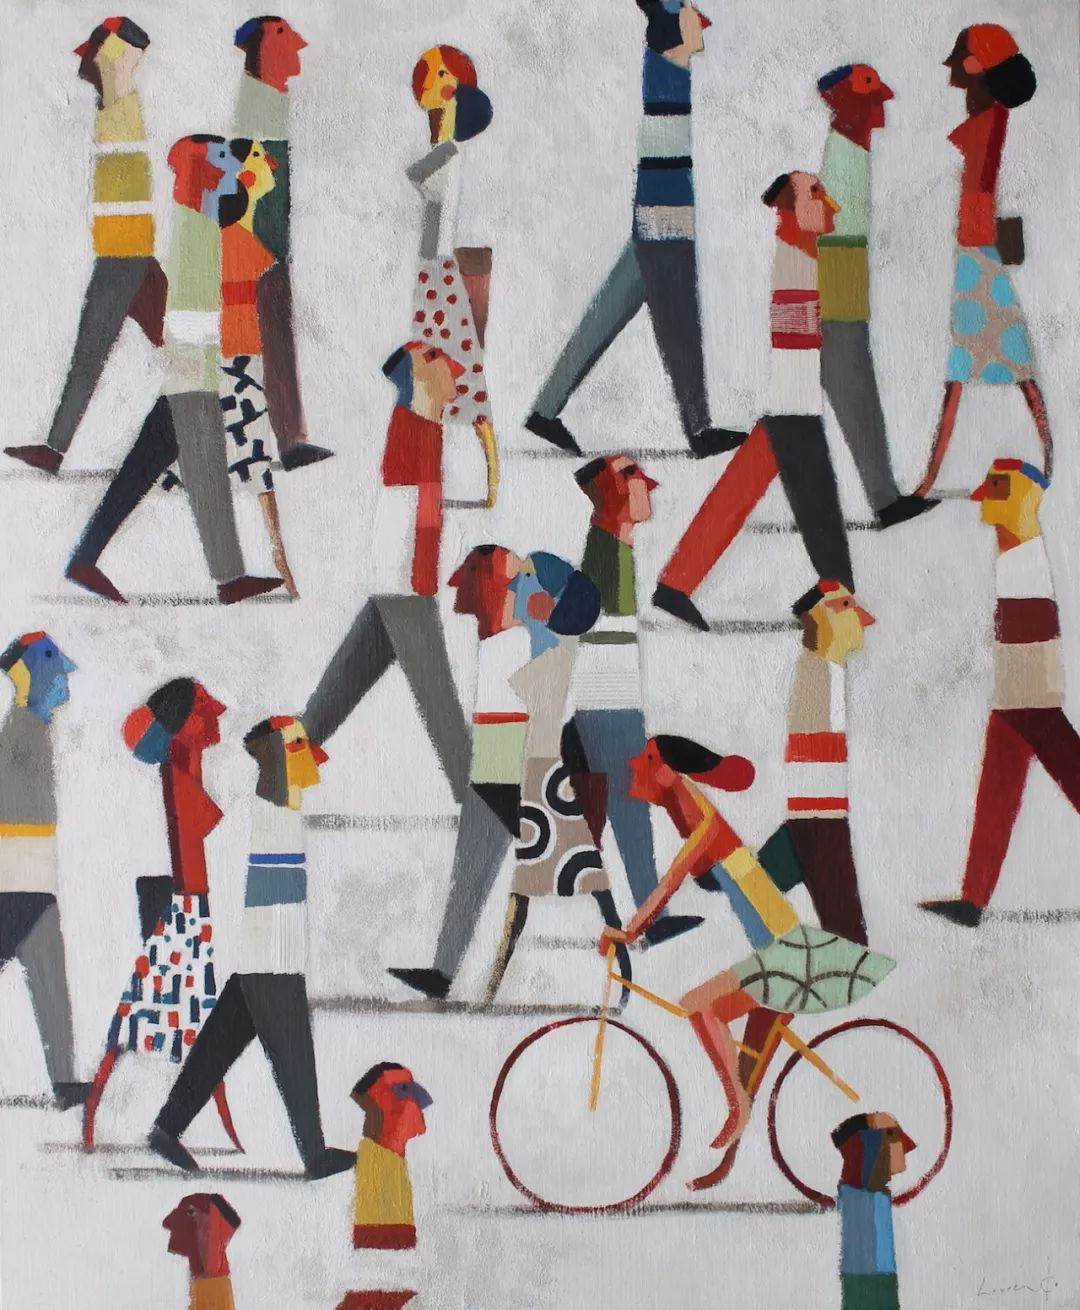 情感的表达,西班牙画家Didier Lourenço插图18